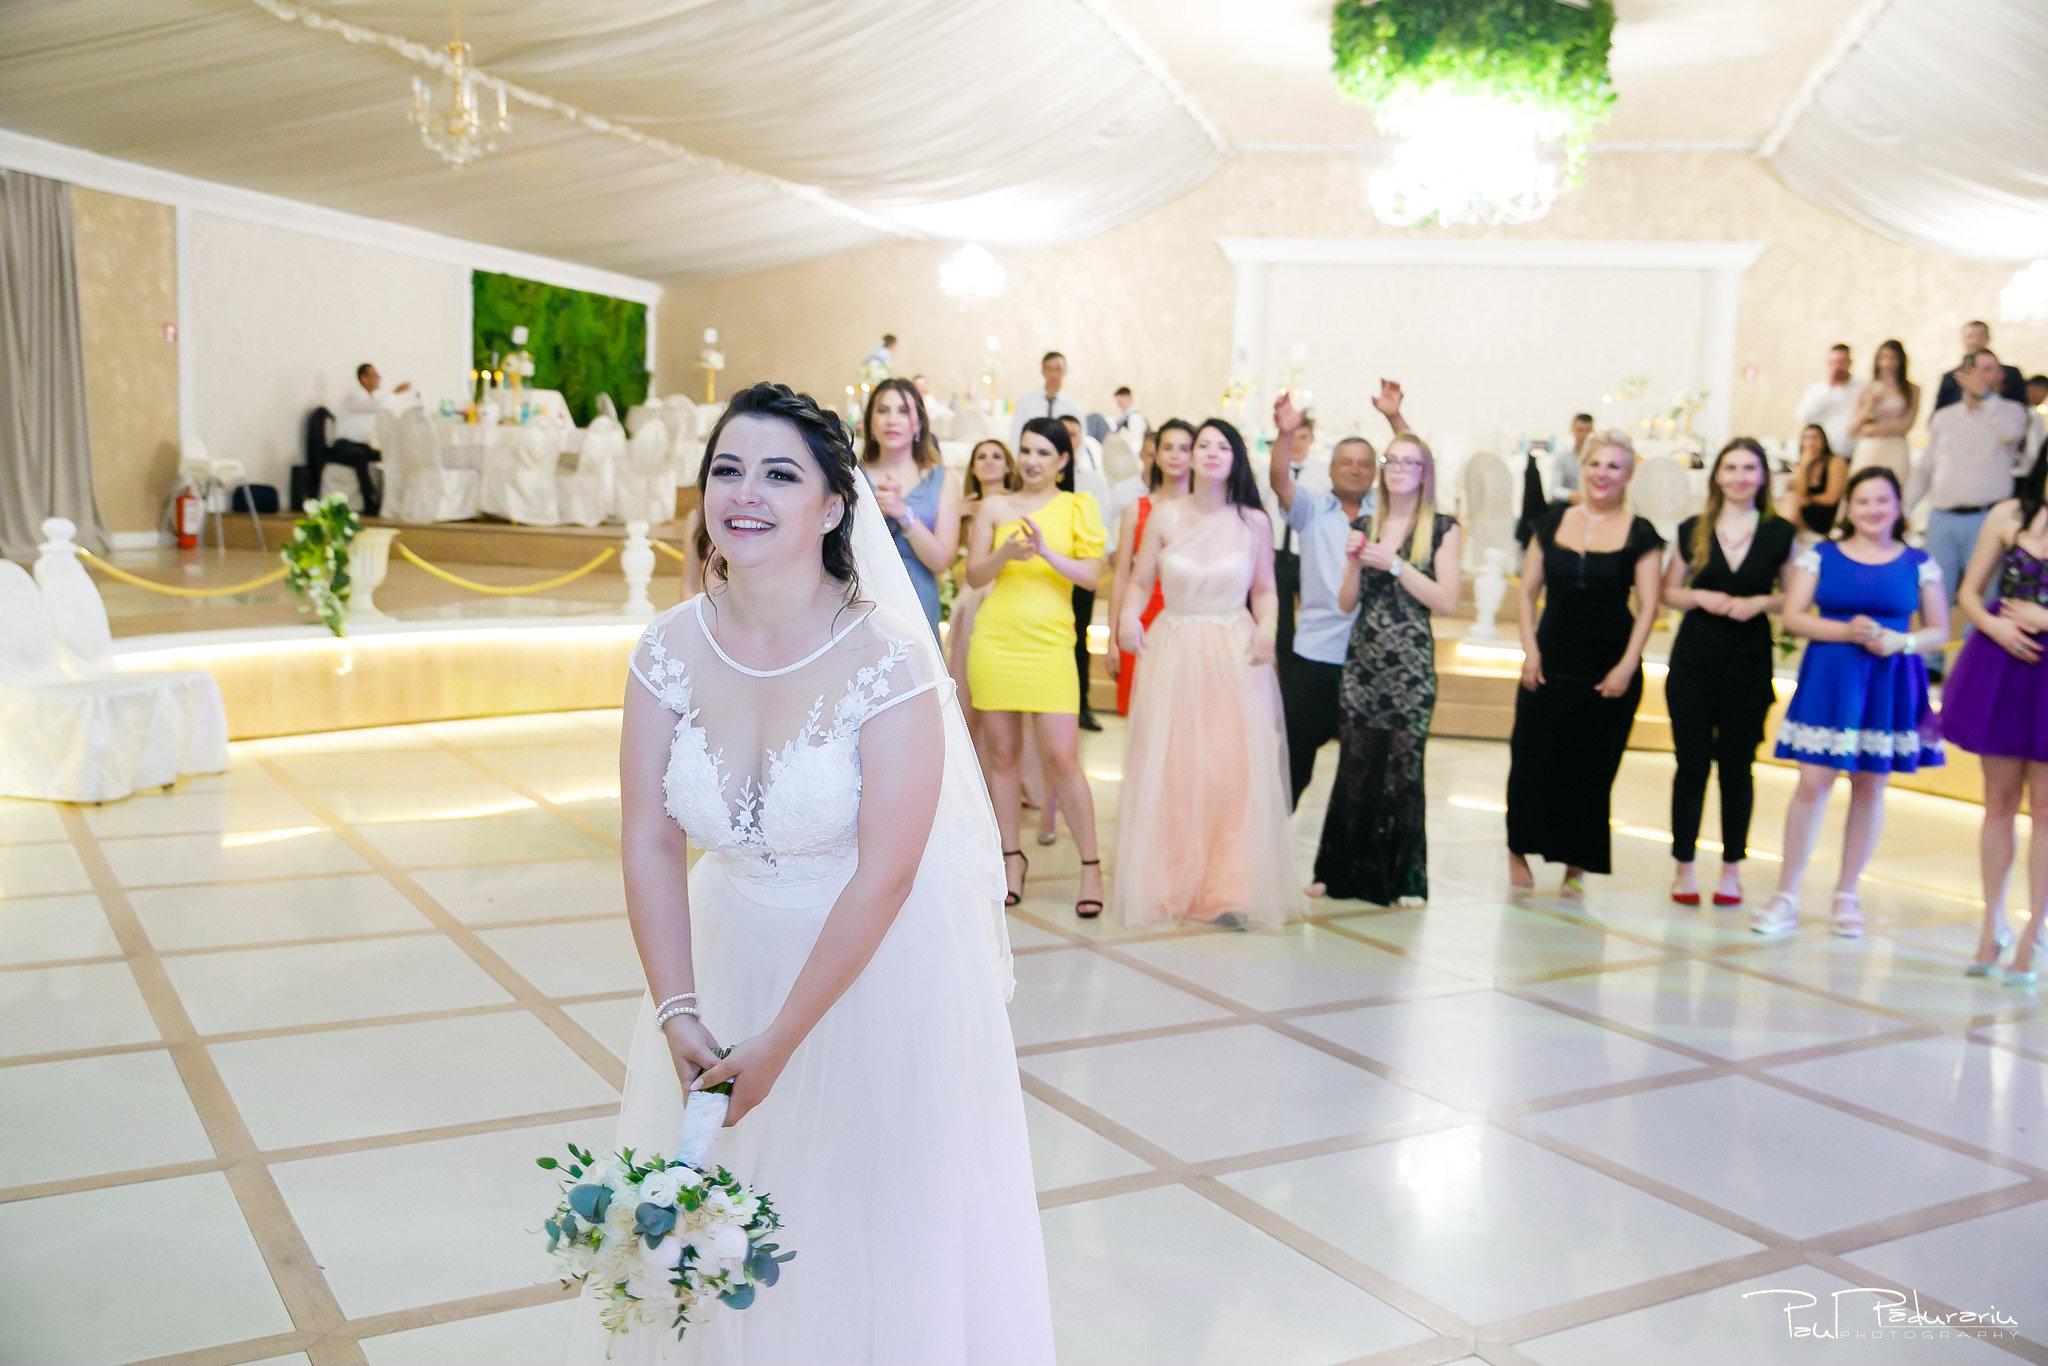 Nunta la Castel Iasi Ana-Maria si Marius fotograf profesionistwww.paulpadurariu.ro © 2018 Paul Padurariu 6